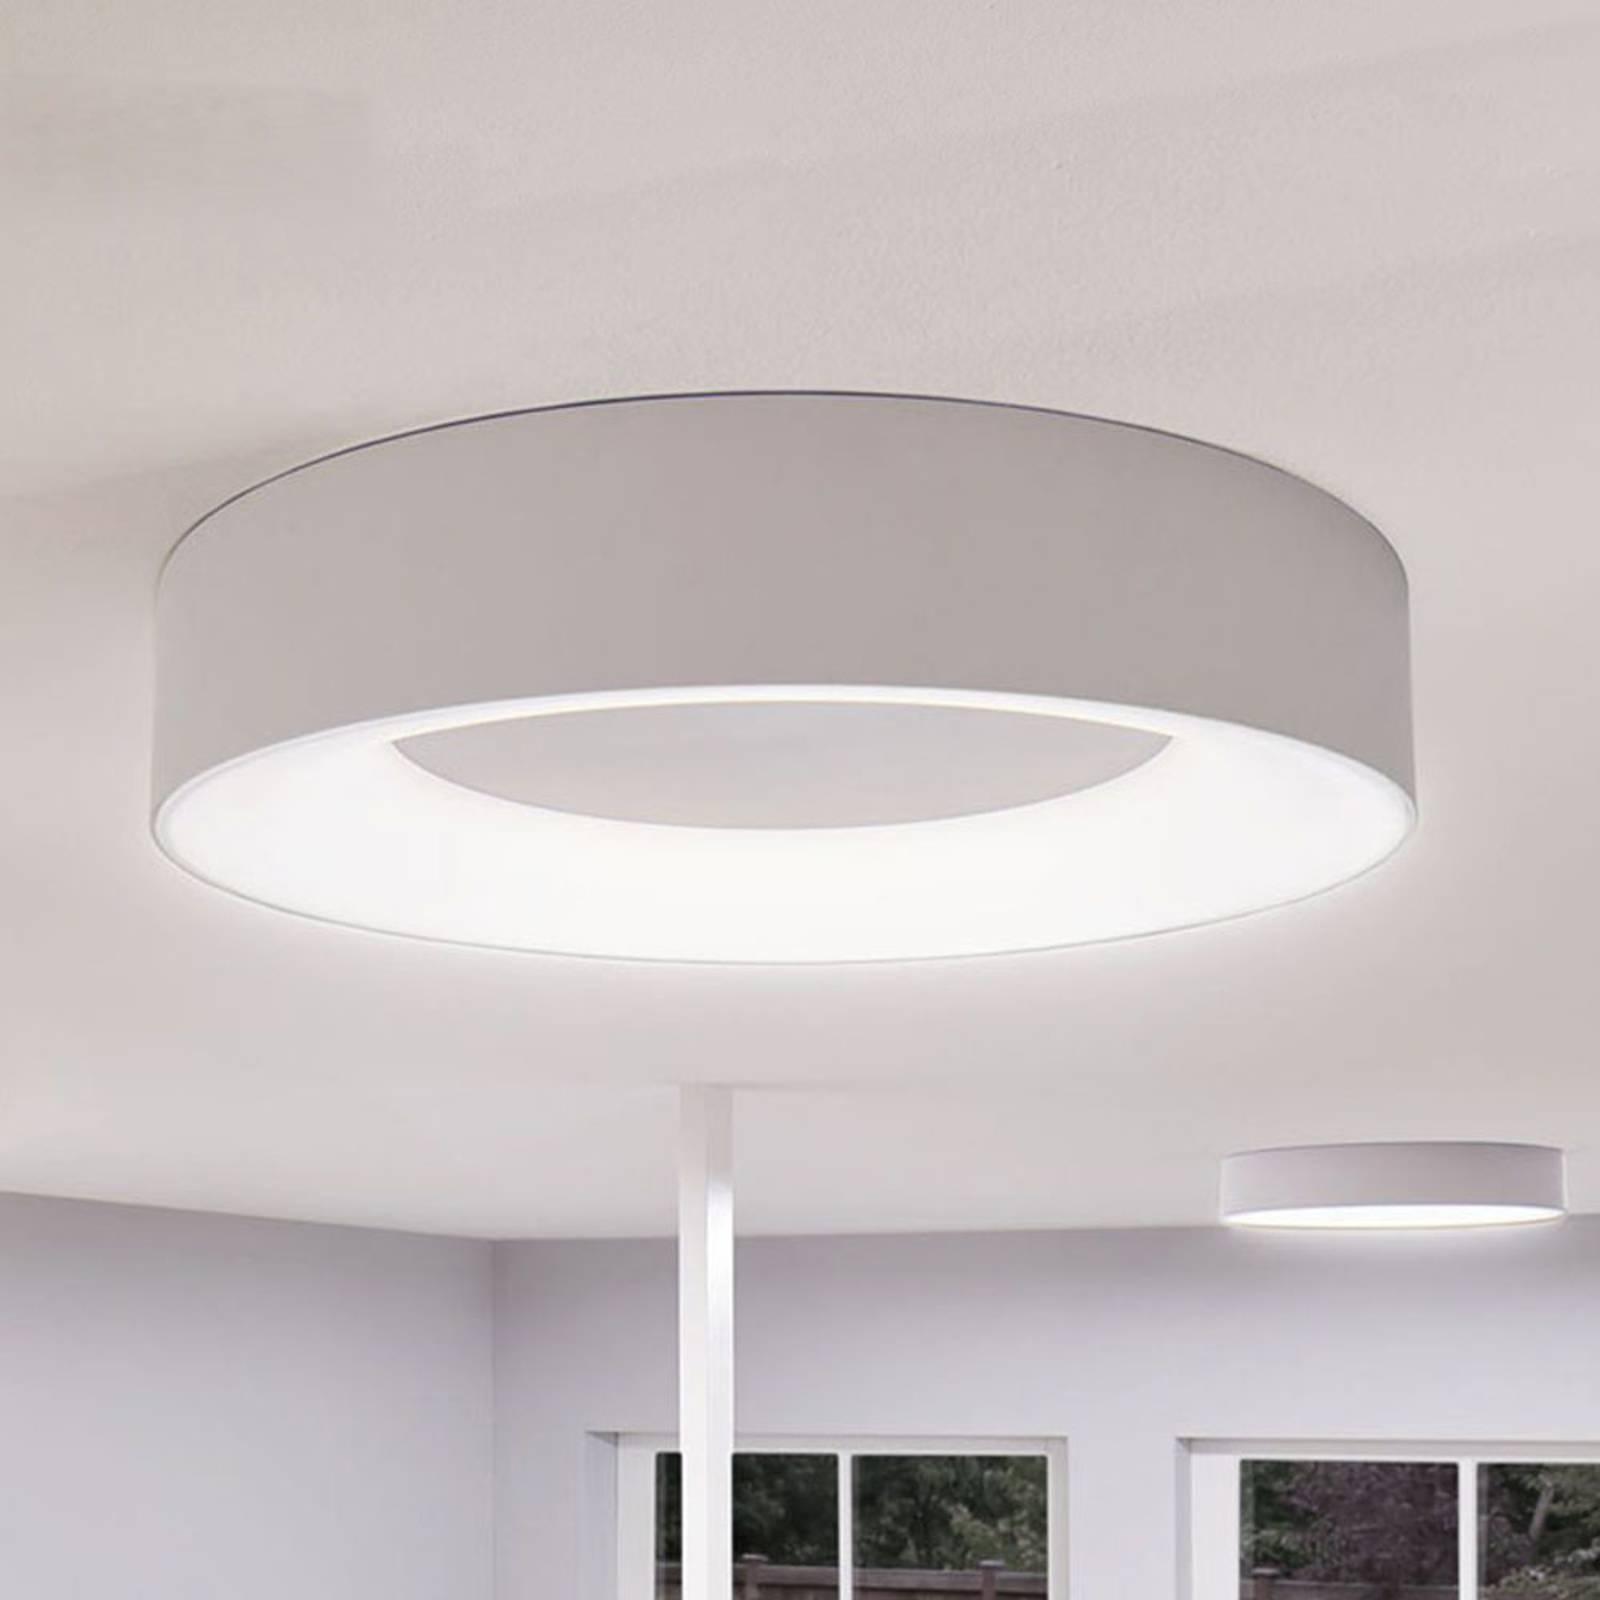 Paulmann HomeSpa Casca -LED-kattovalaisin, Ø 40 cm